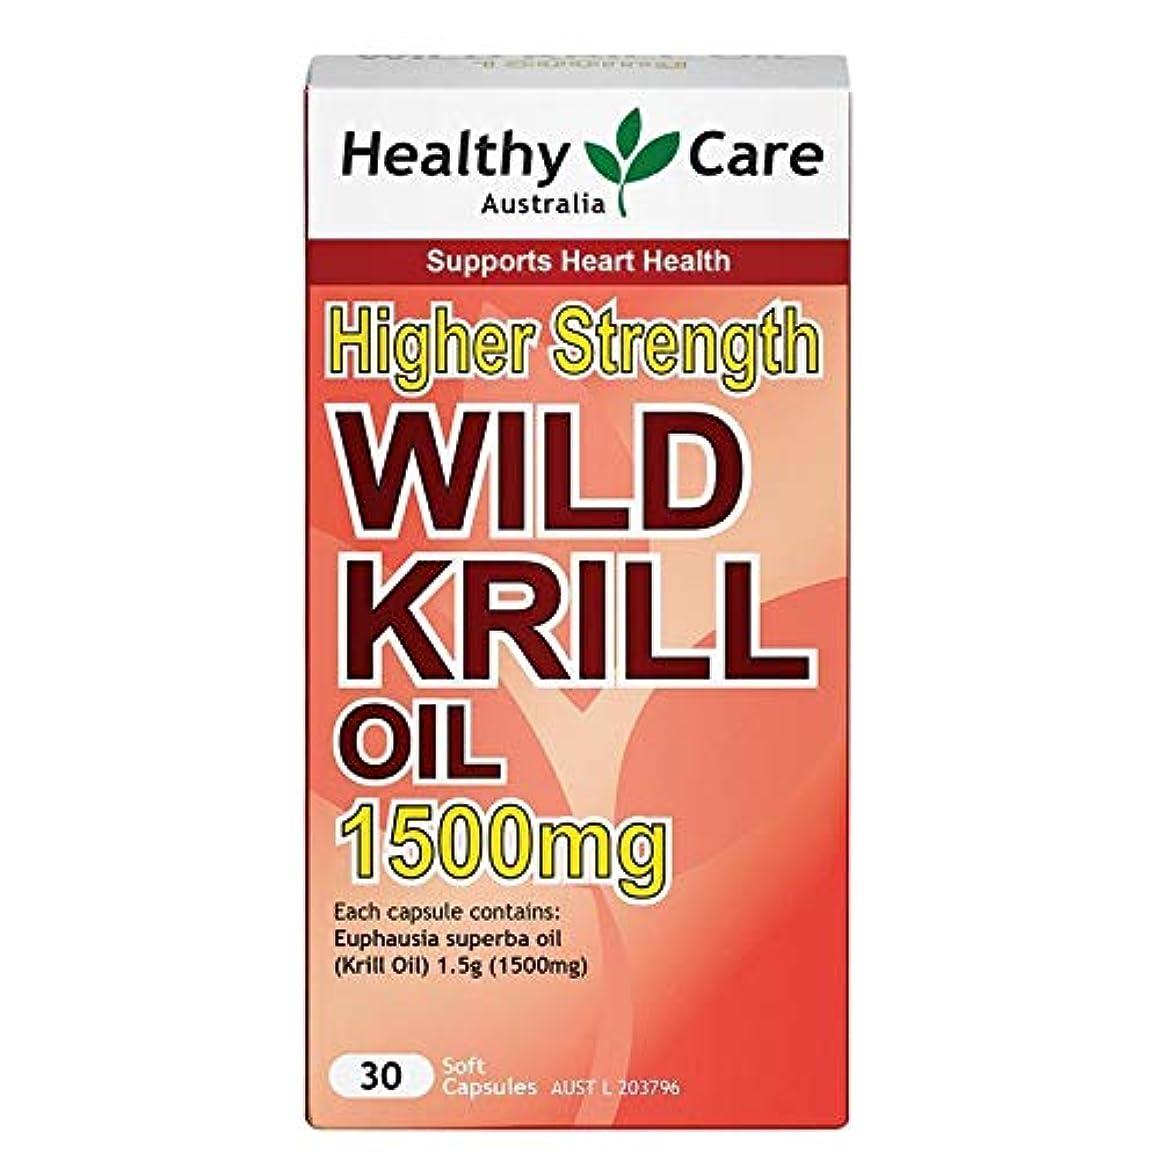 強打老人冷笑する[Health Care]ワイルドオキアミオイル (30cap) Wild Krill Oil 1500mg [海外直送品]